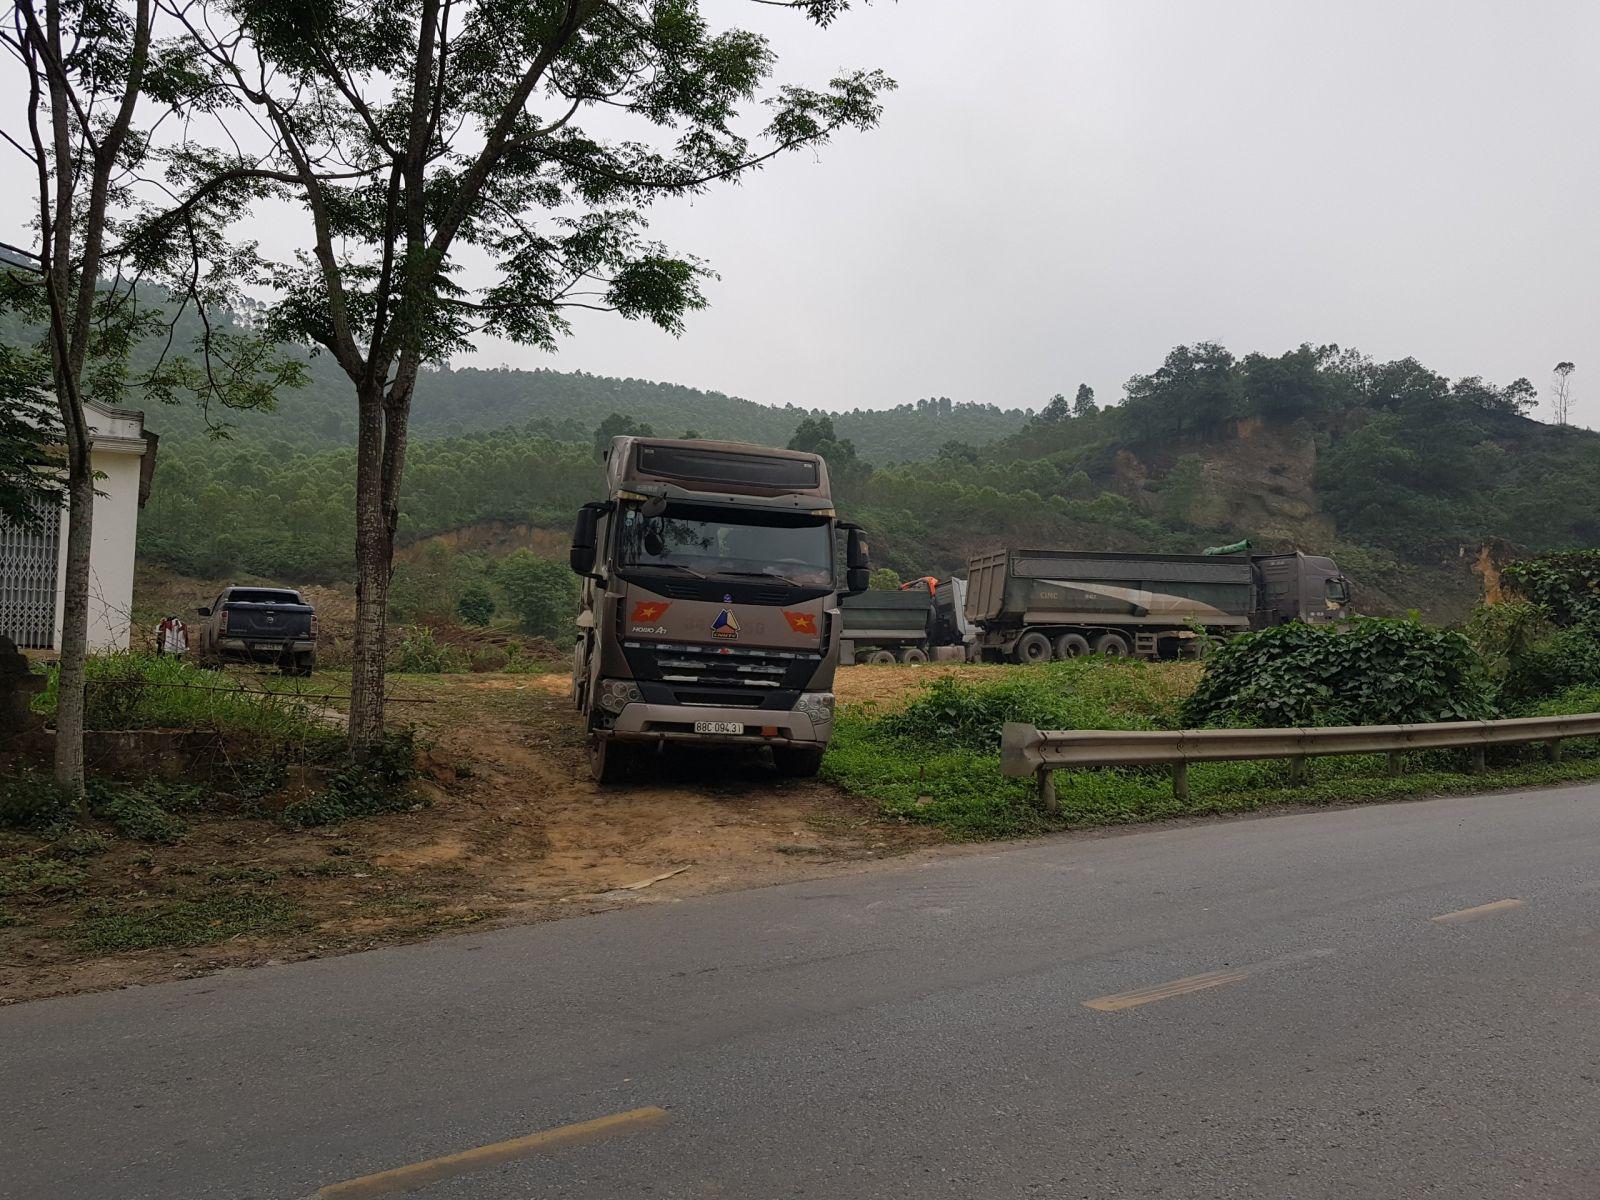 Những đoàn xe vận tải lơn đang lấy đất ở khu 7, xã Thọ Văn, Tam Nông (Phú Thọ)